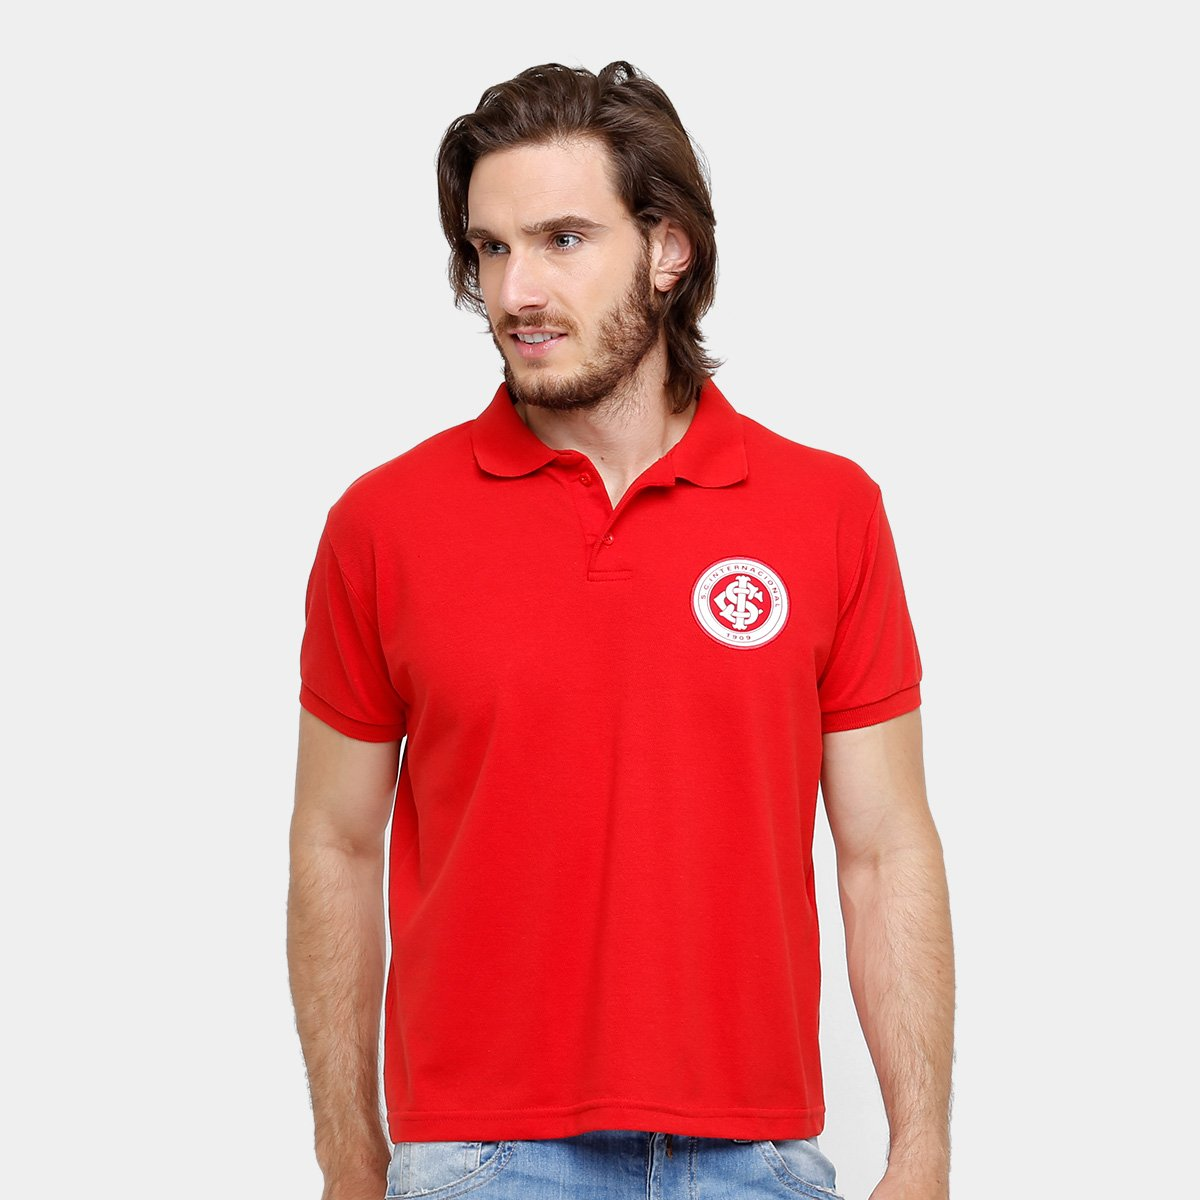 51fb3abb1b Camisa Polo Internacional Básica Masculina - Compre Agora